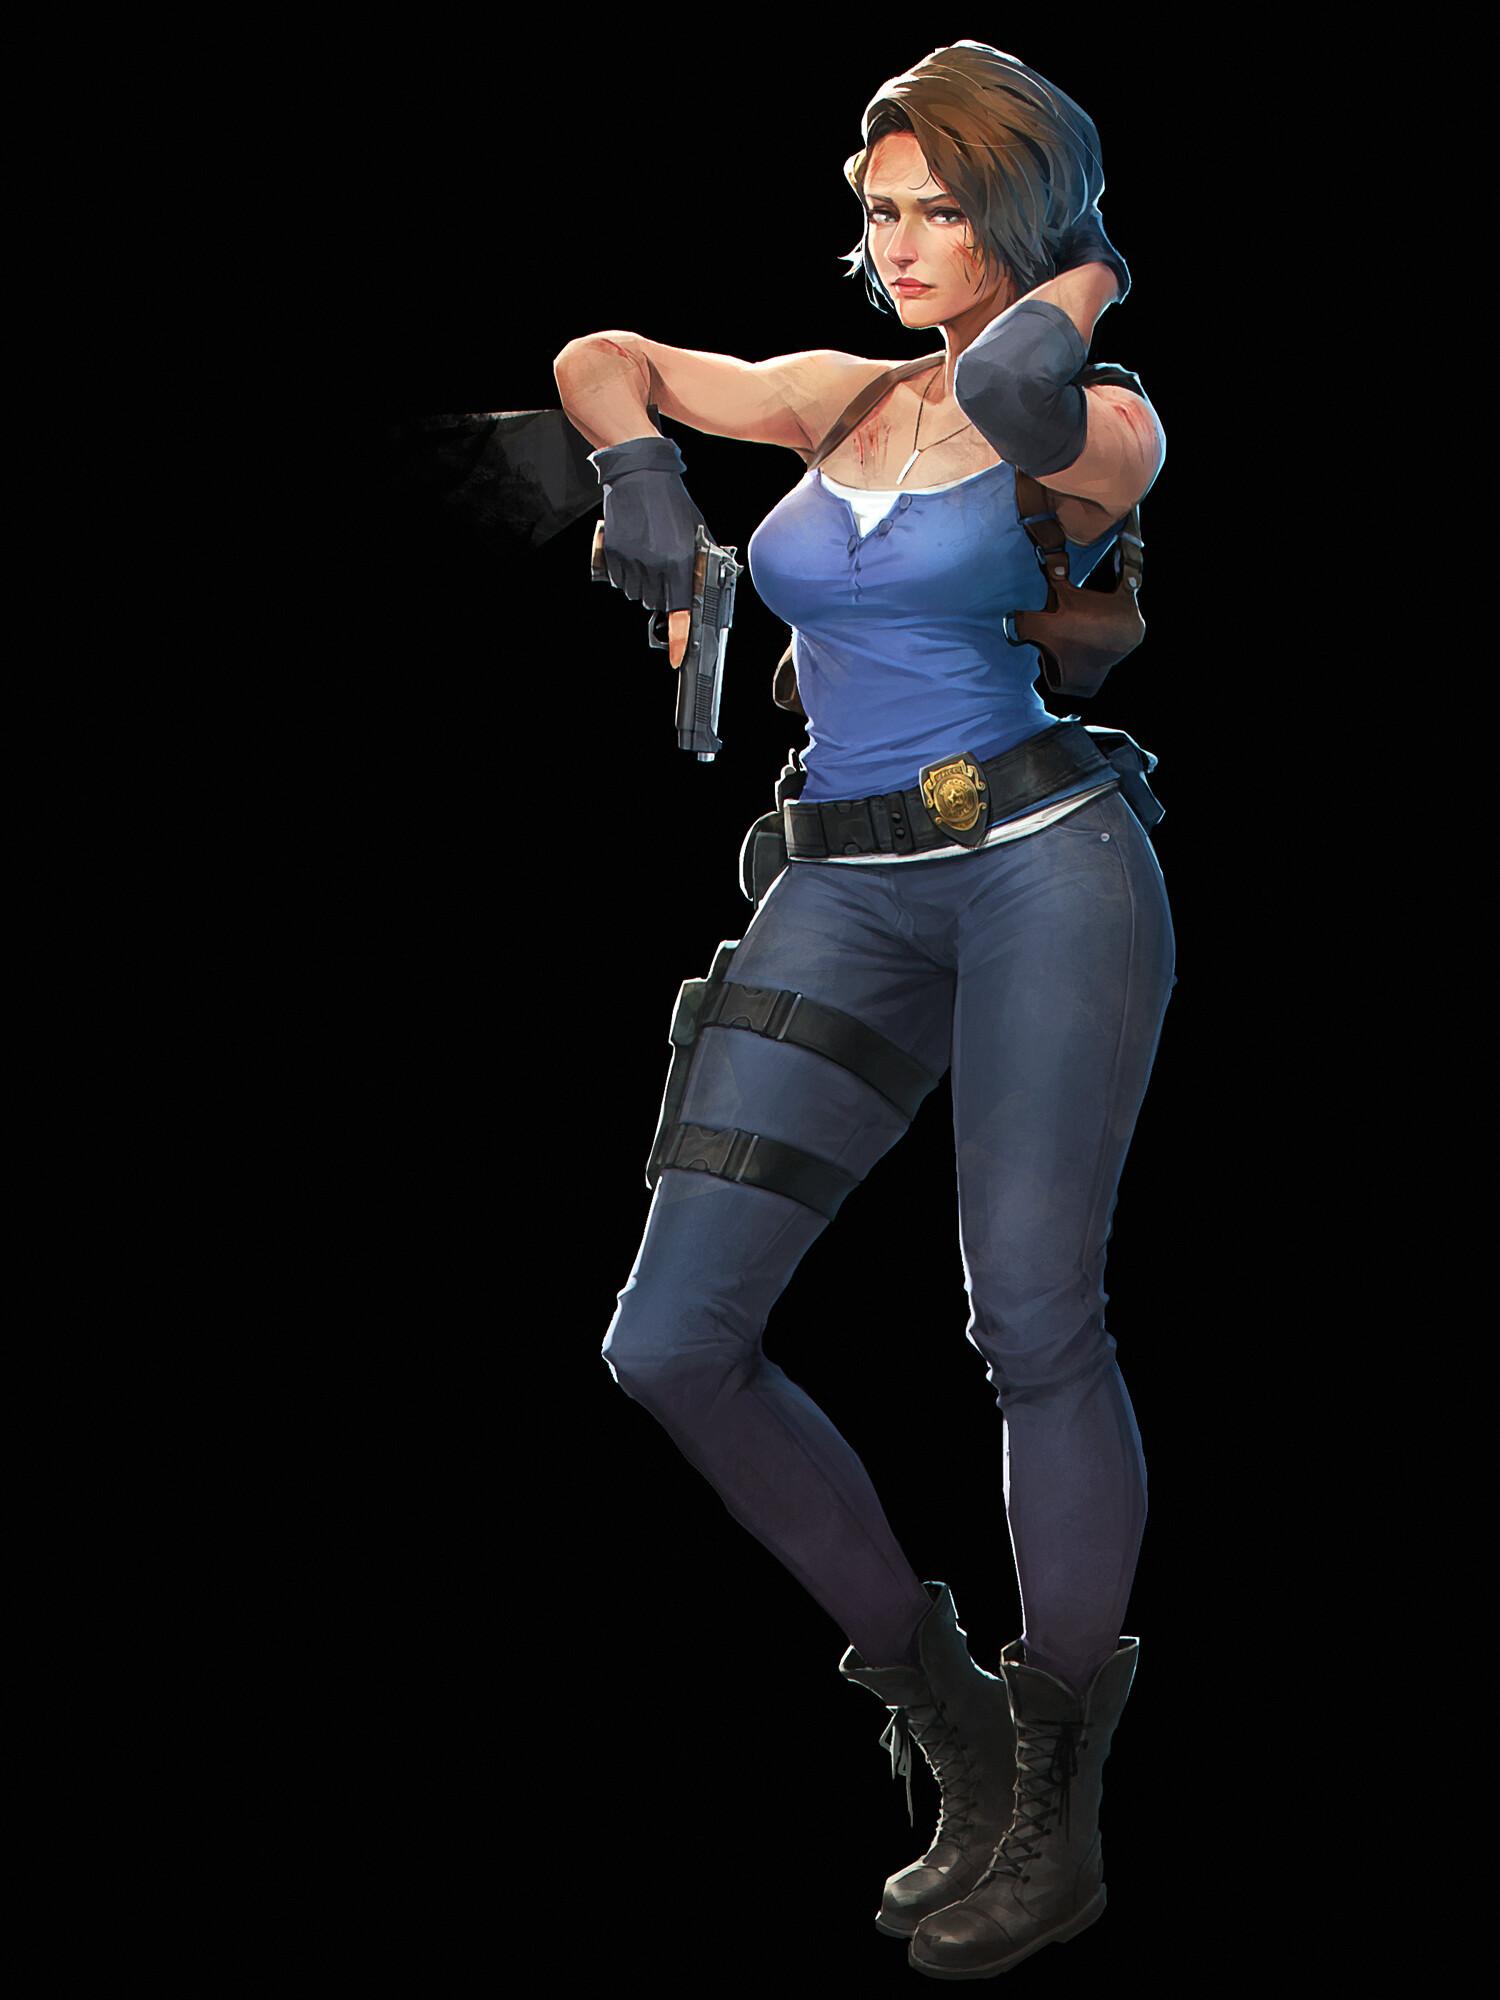 Jill Valentine Resident Evil 3 Remake By Gantzu On Deviantart